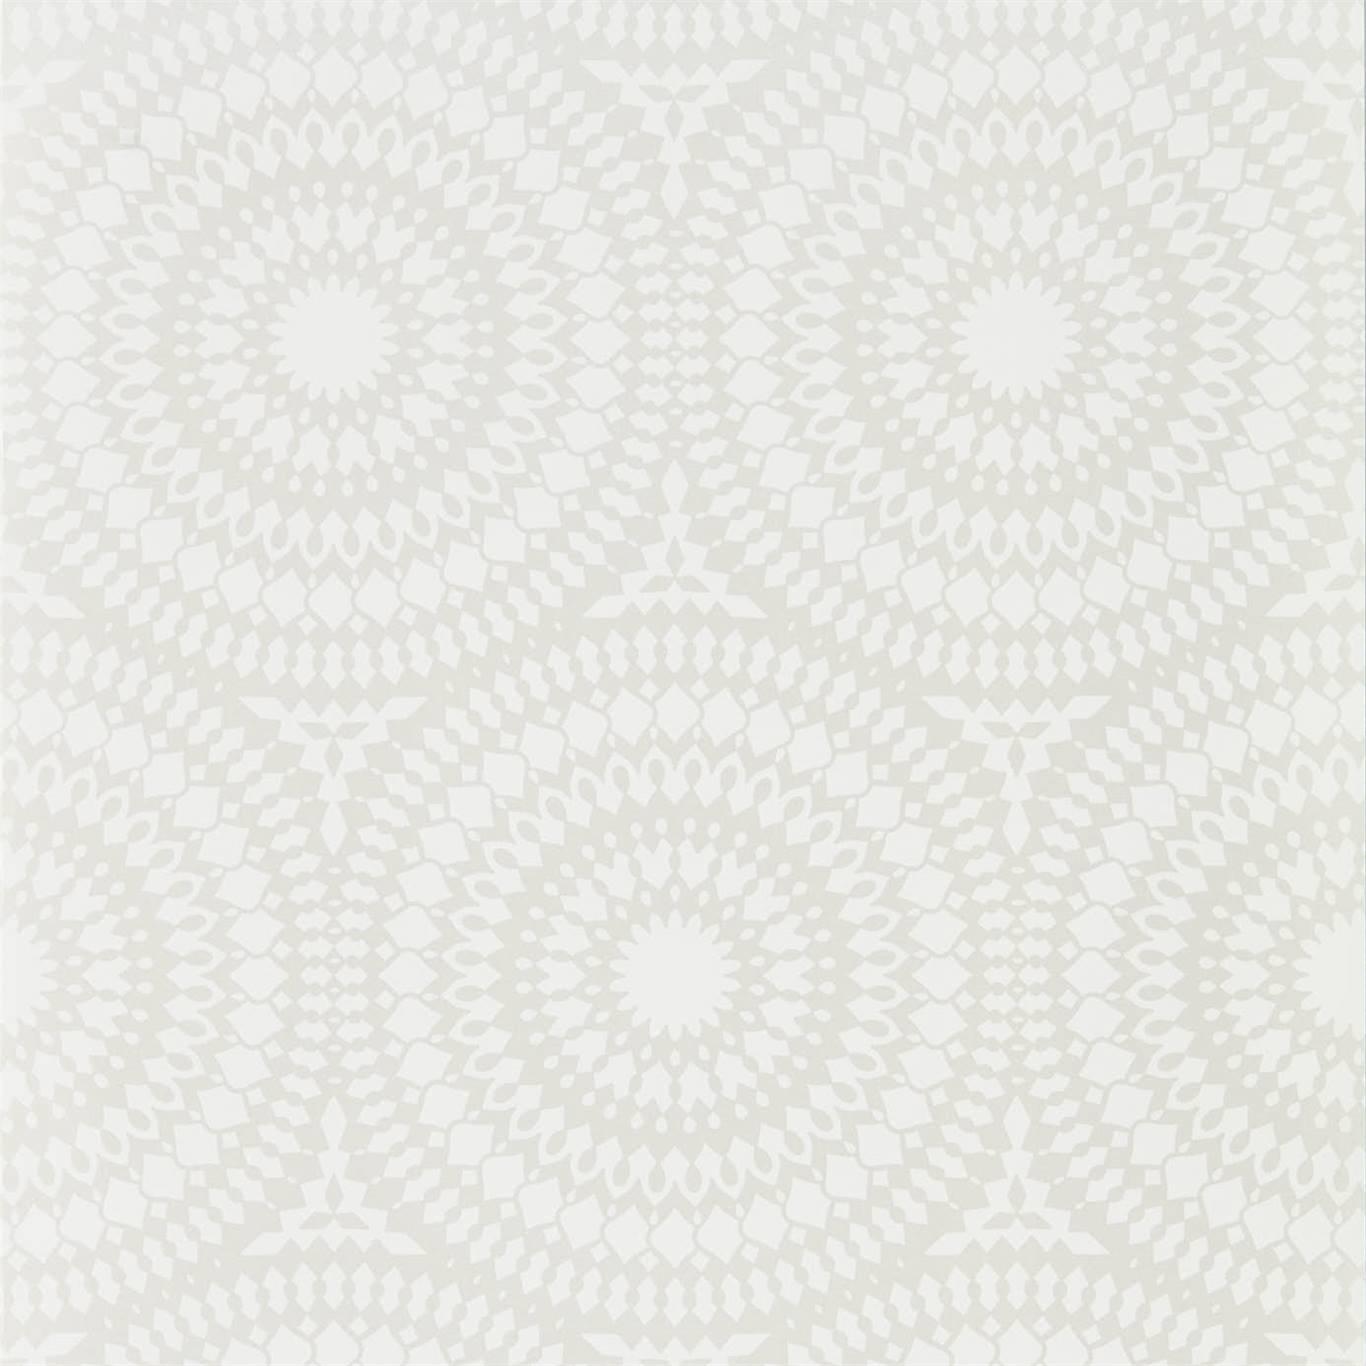 Image of Harlequin Cadencia Porcelain Wallpaper 111882